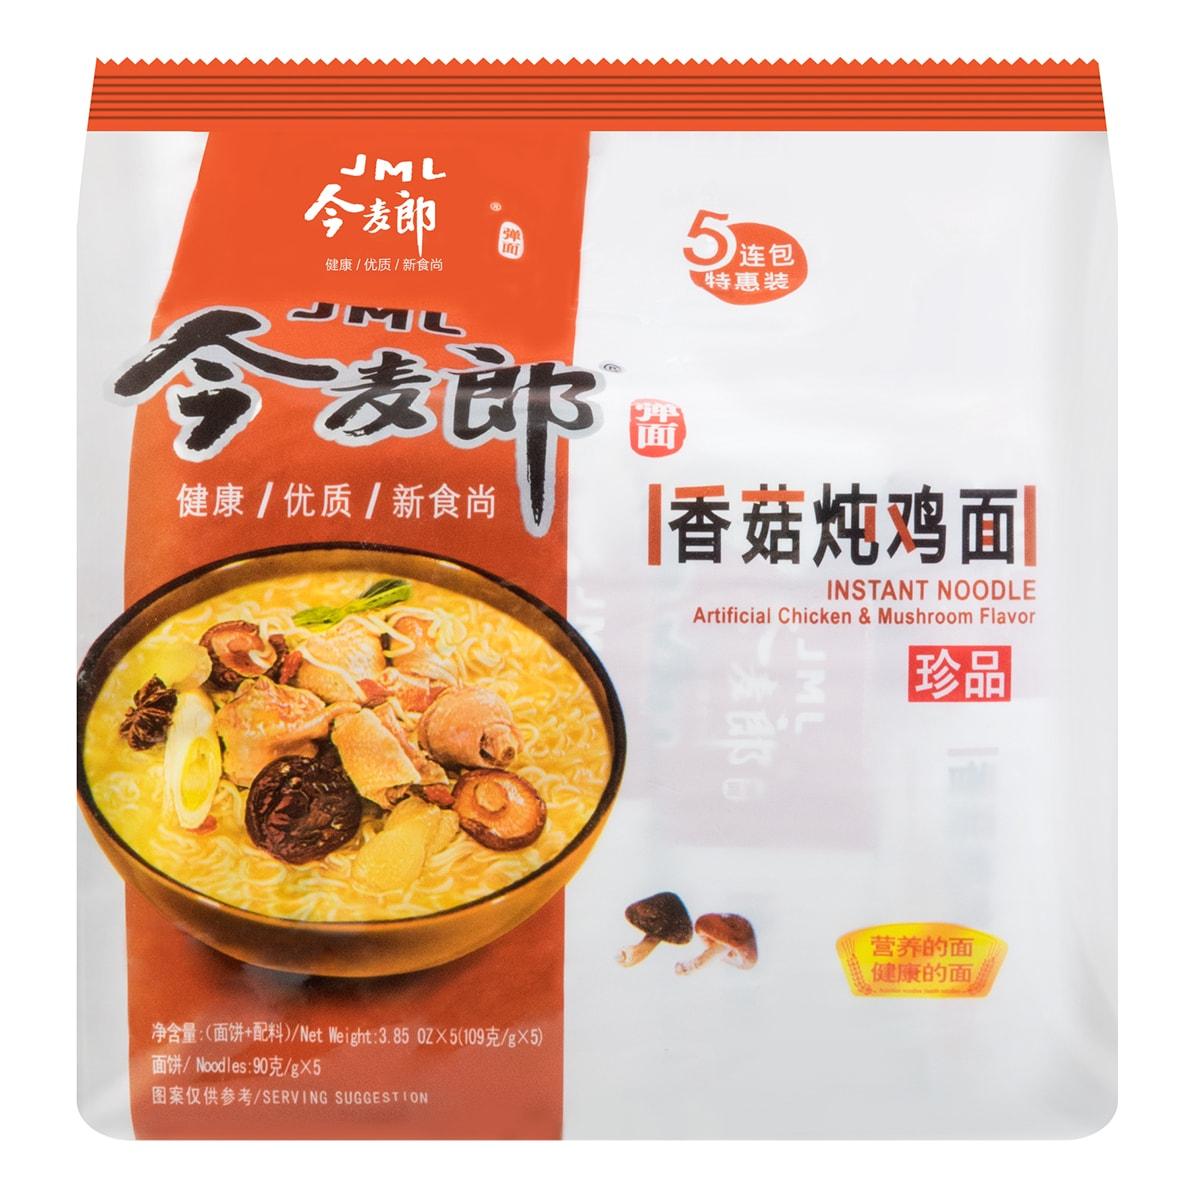 今麦郎 新食尚珍品香菇炖鸡弹面 特惠装 5包入 545g